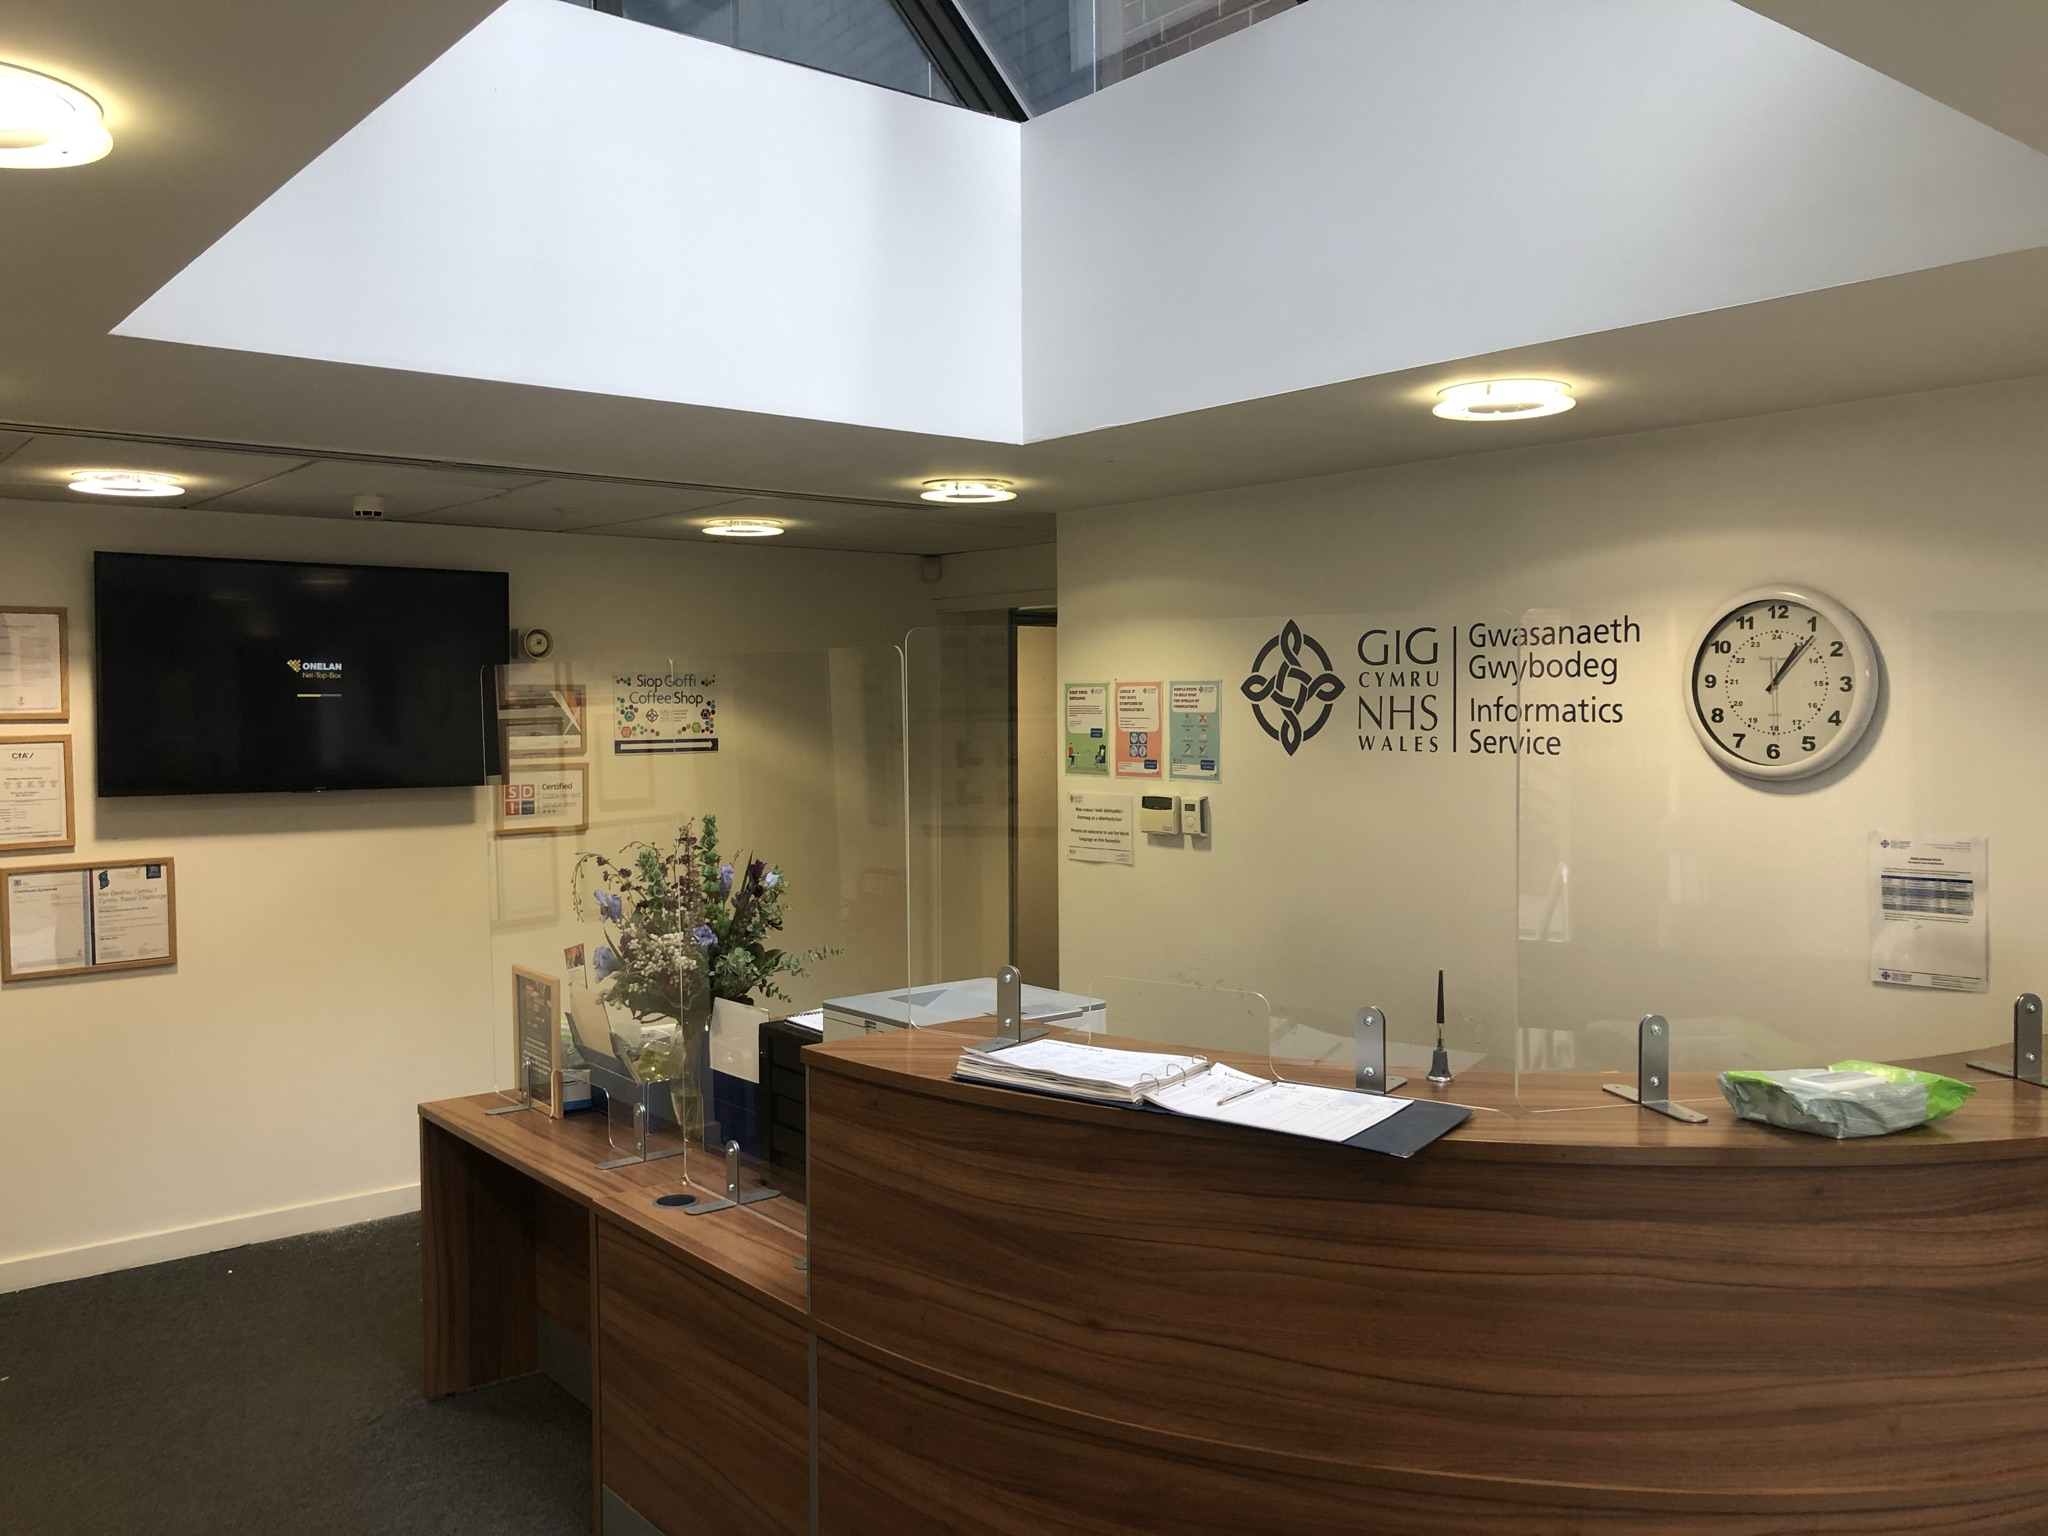 Velindre University NHS Trust - Digital Signage - Vaughan Sound